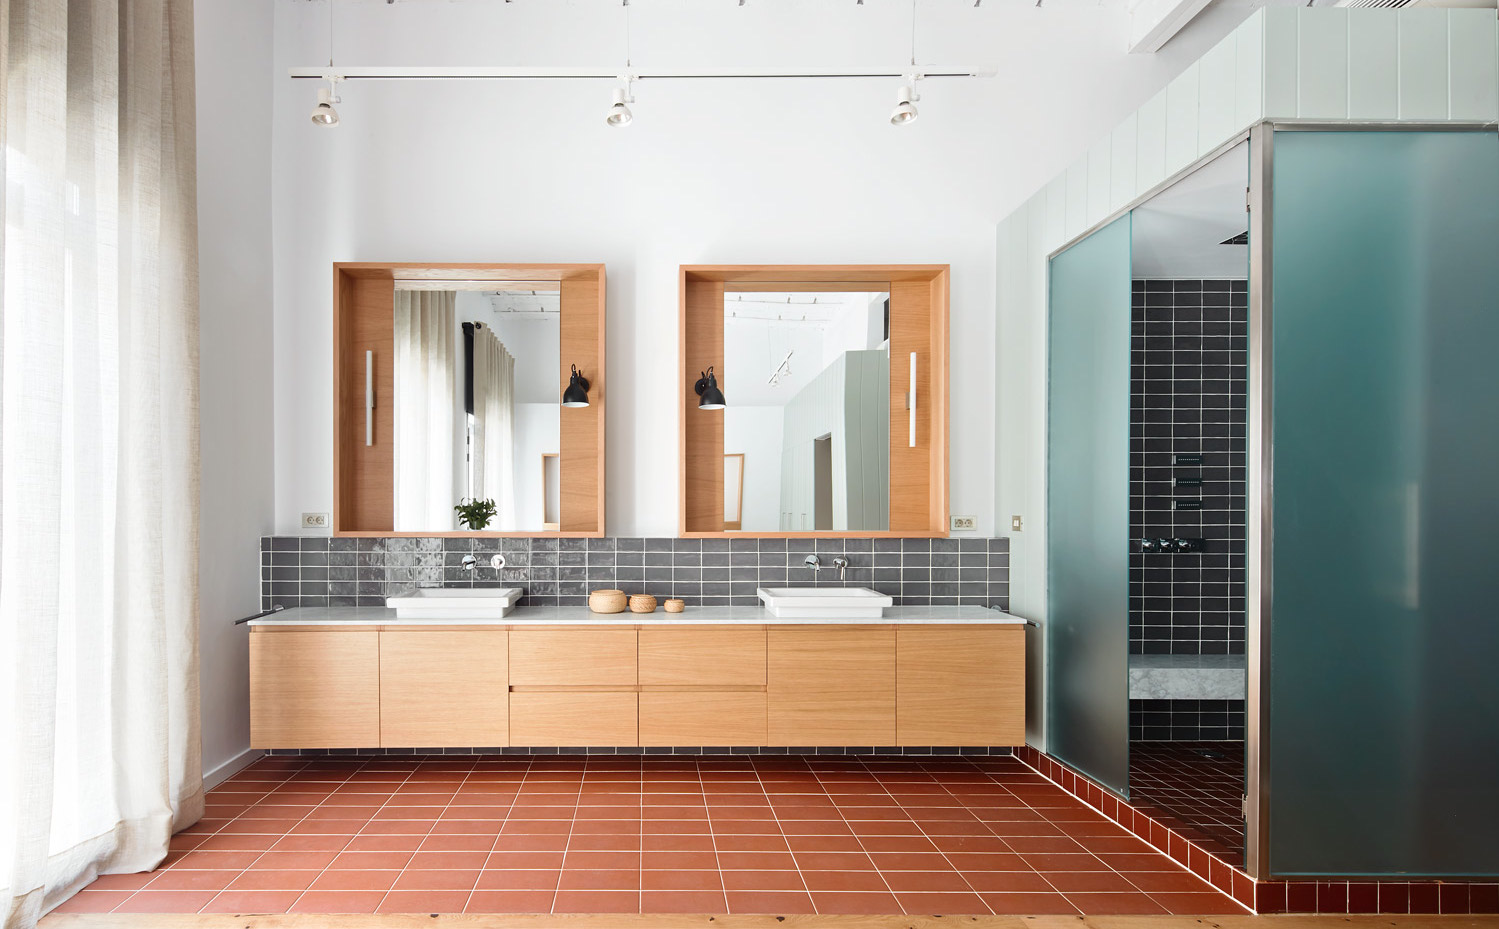 Foto ba o amplio con dos lavamanos espejos y paneles - Paneles para banos ...